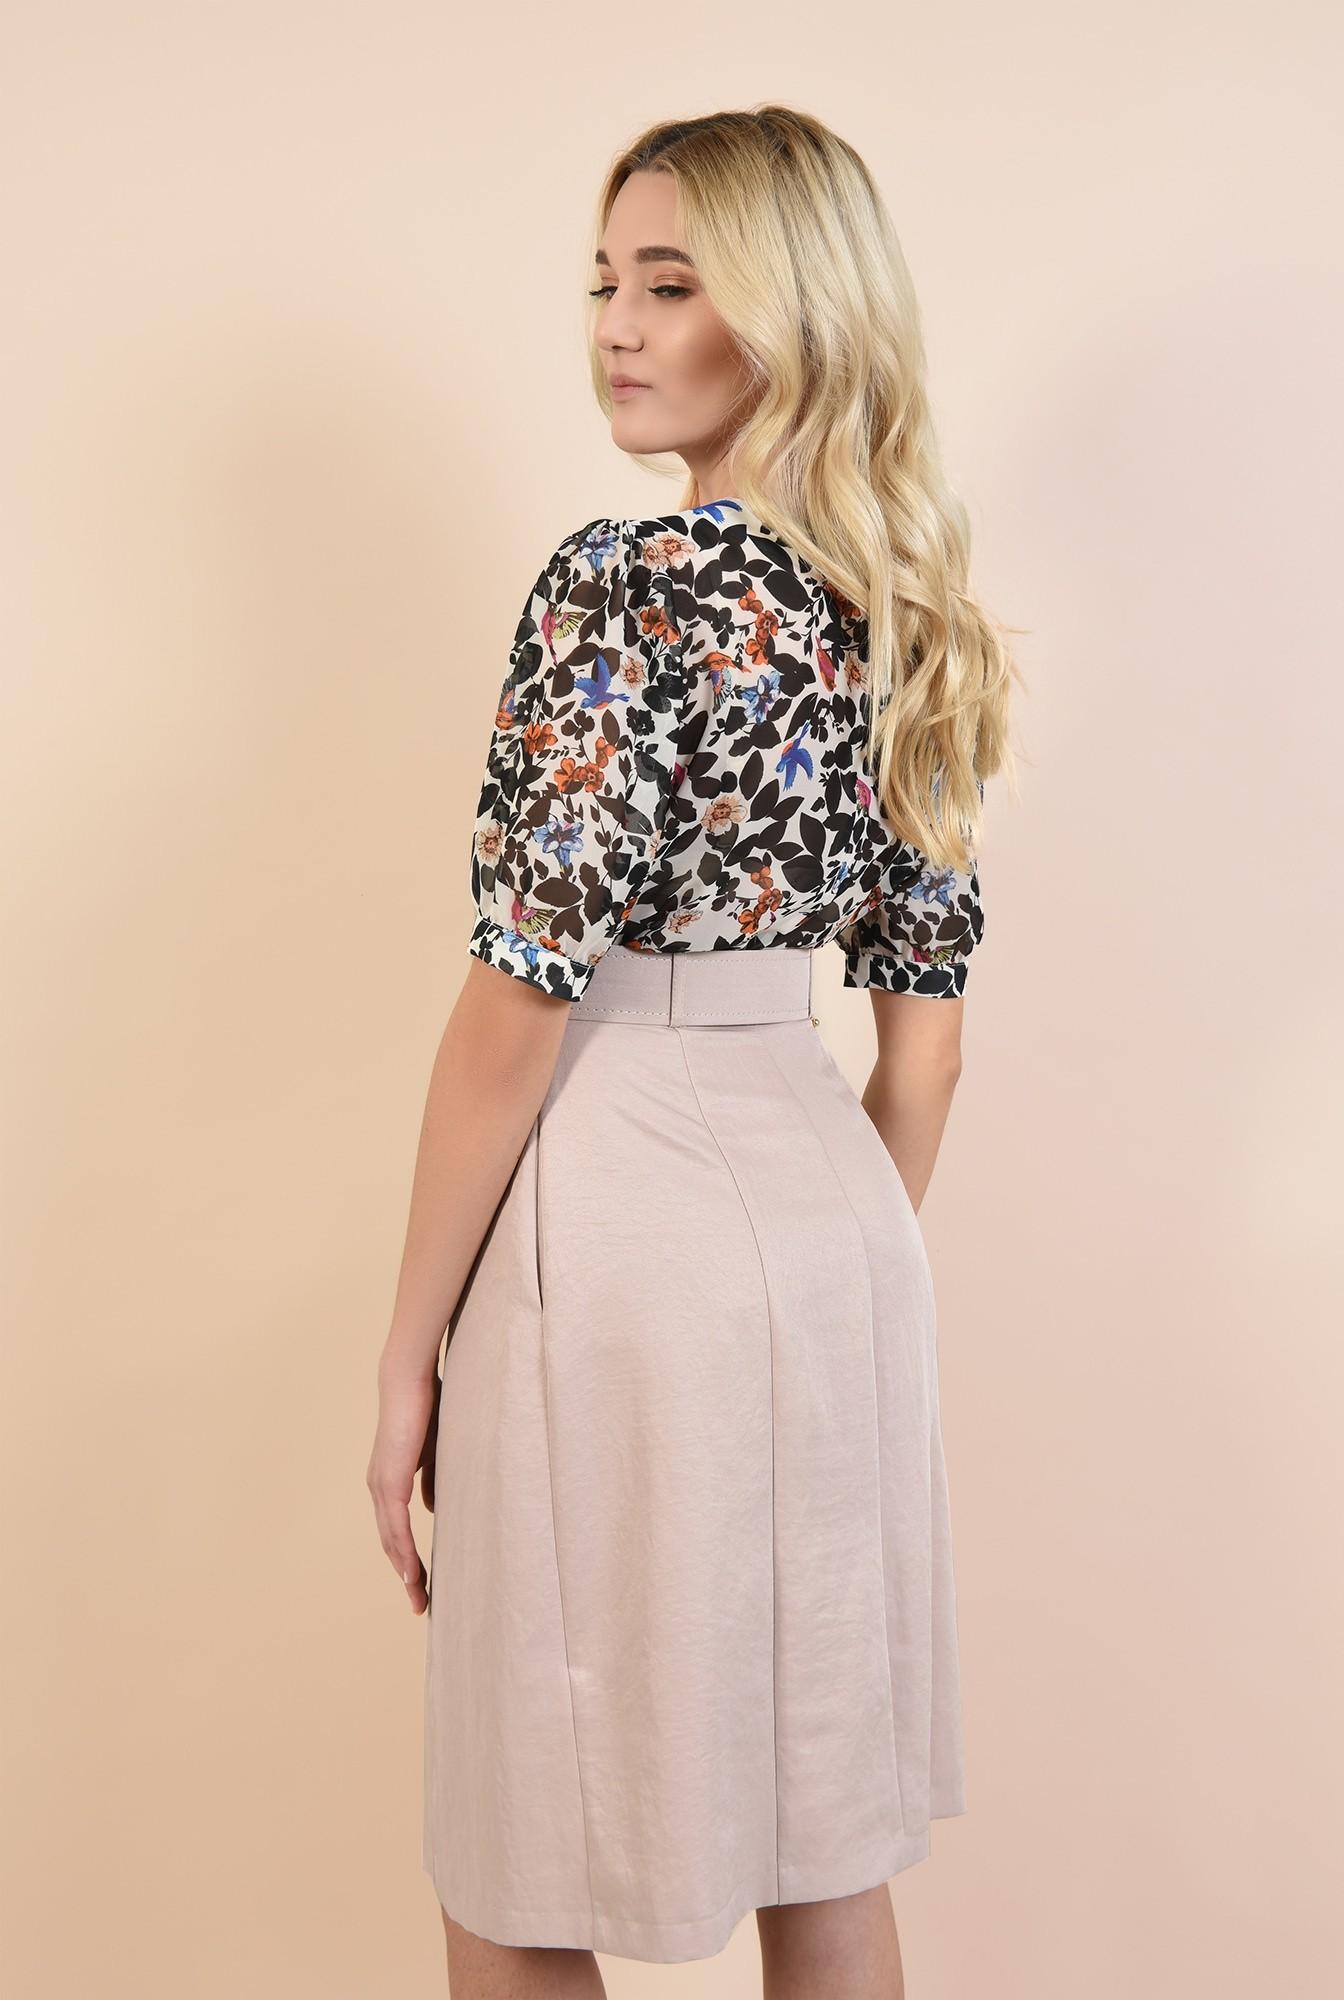 1 - bluza cu print floral, maneci bufante, decolteu rotund la baza gatului, funda